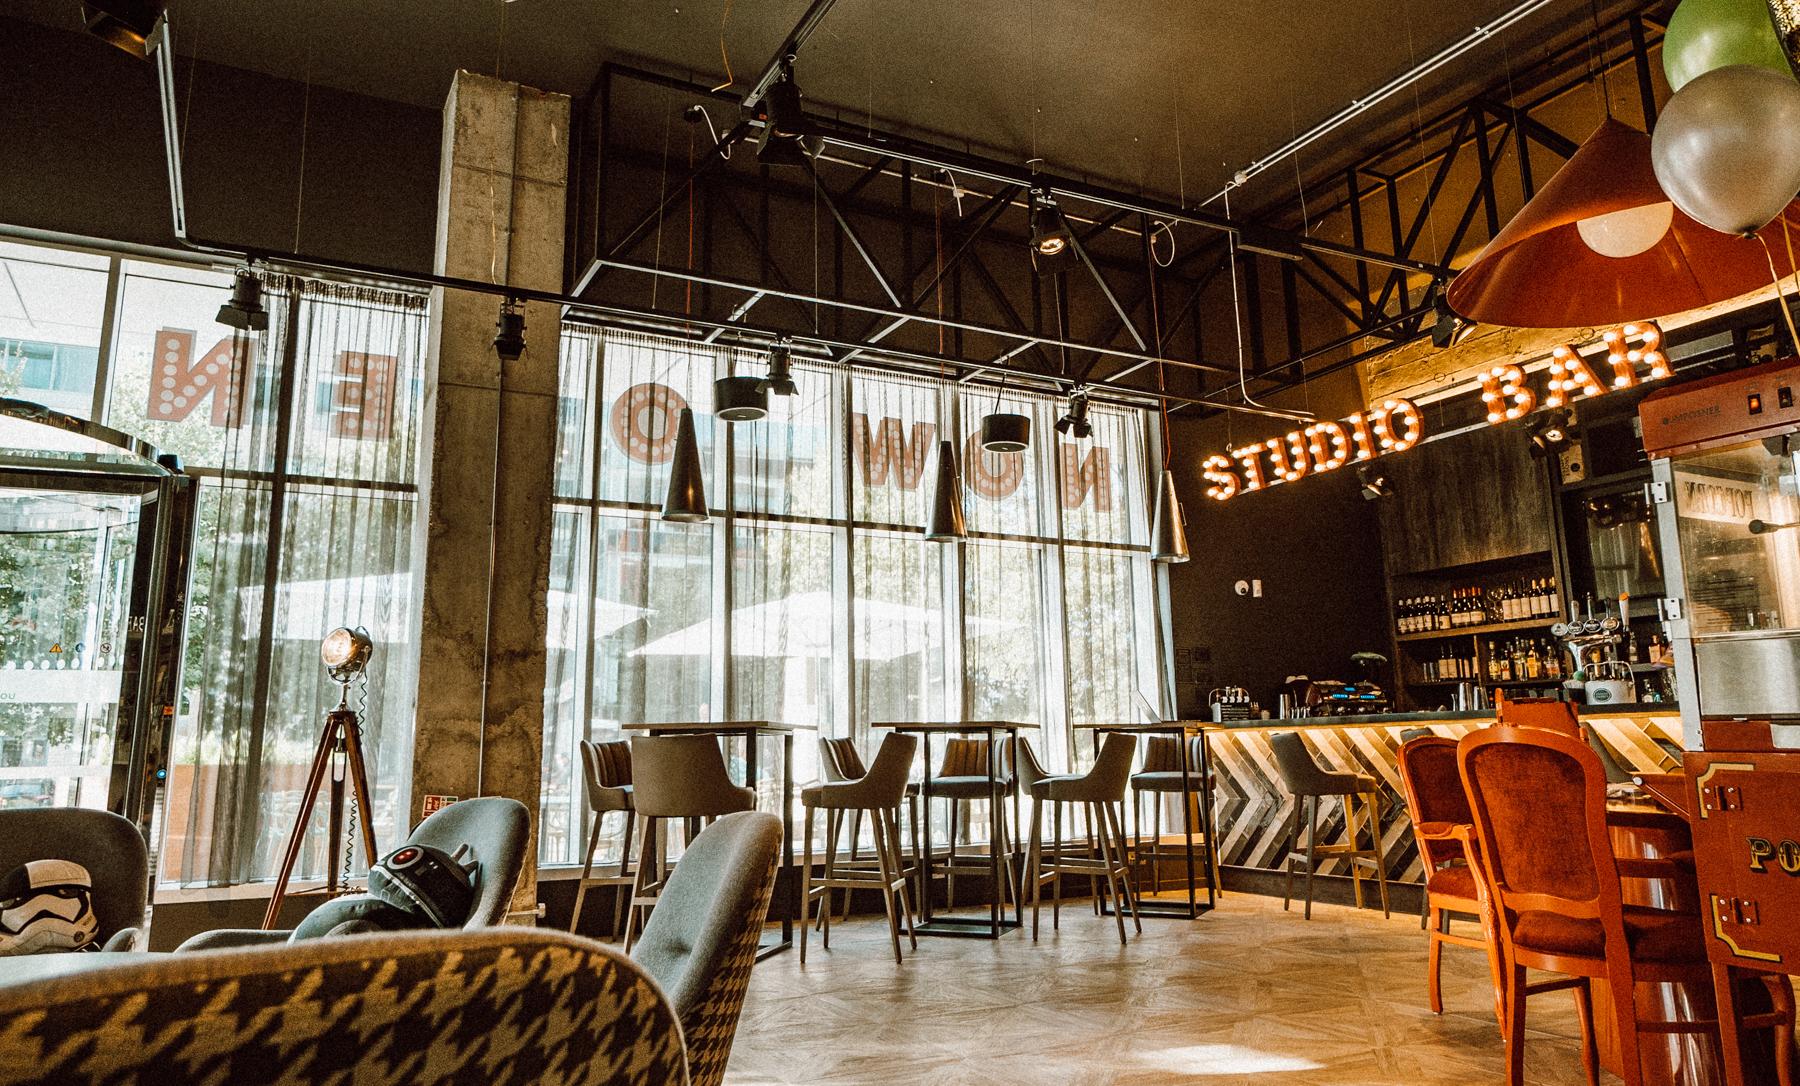 Ibis Styles Ealing Lobby (1 of 2).jpg